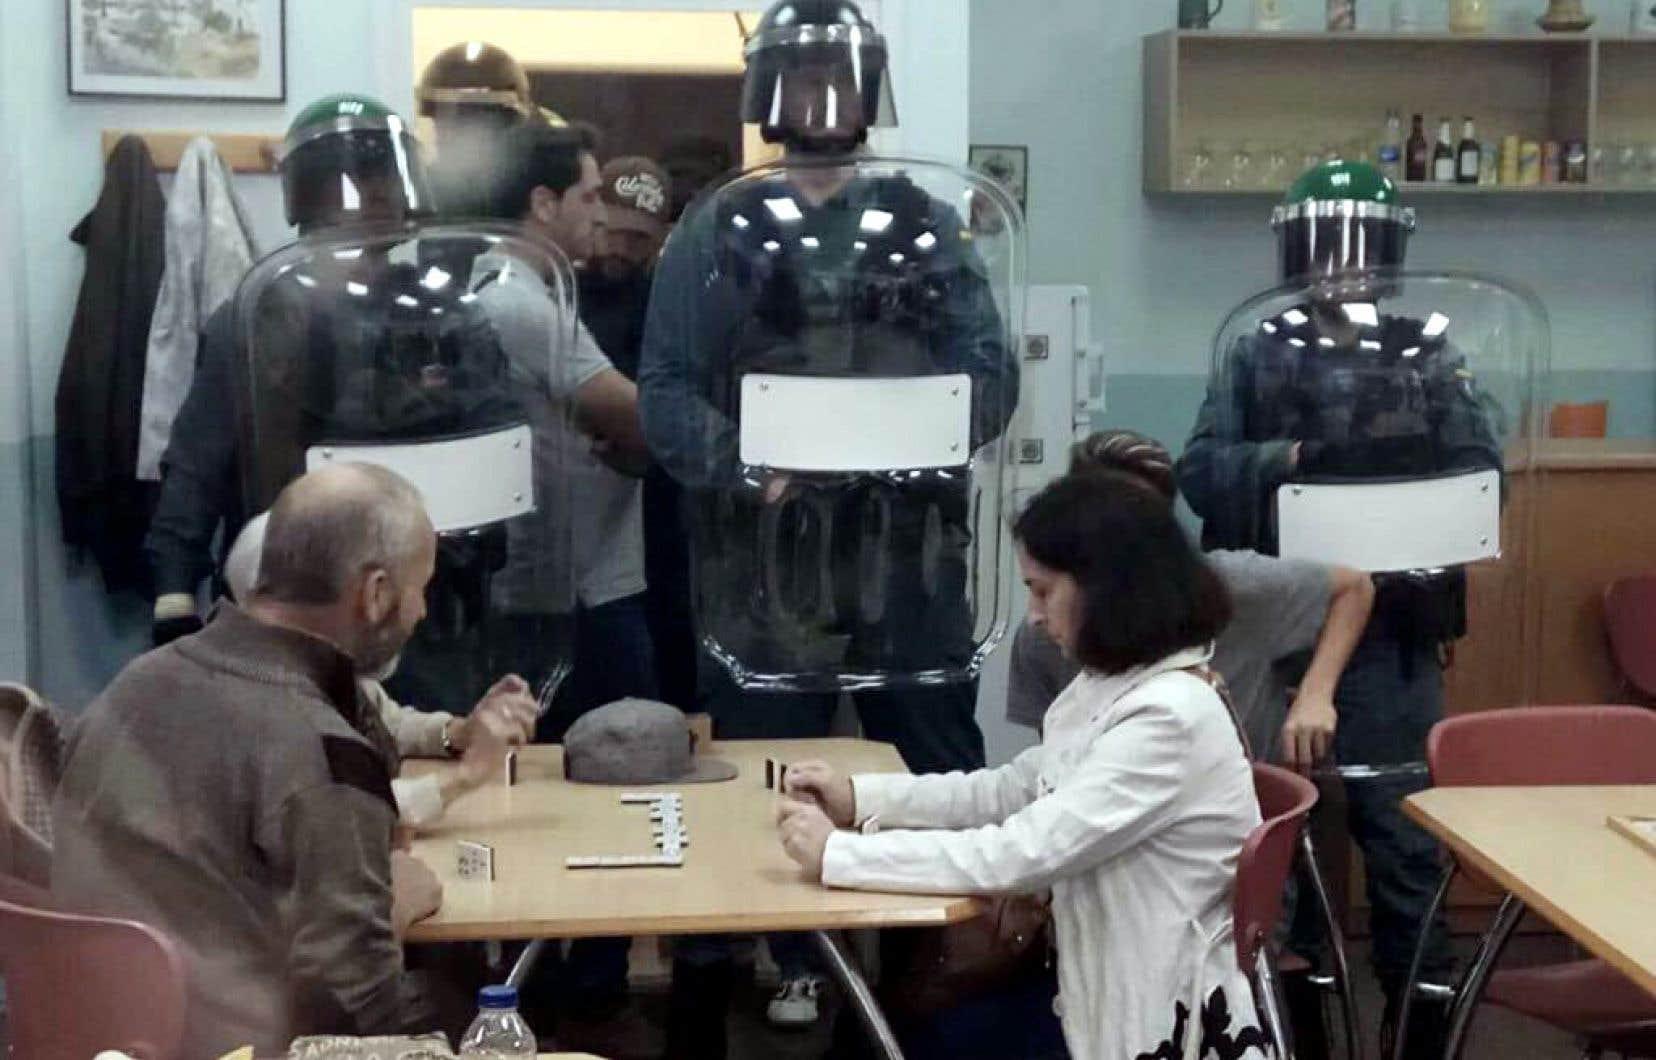 Quand la Garde civile espagnole est arrivée à Sant Iscle, sur les lieux du scrutin, pour confisquer les urnes, elle s'est retrouvée devant… un tournoi de dominos.